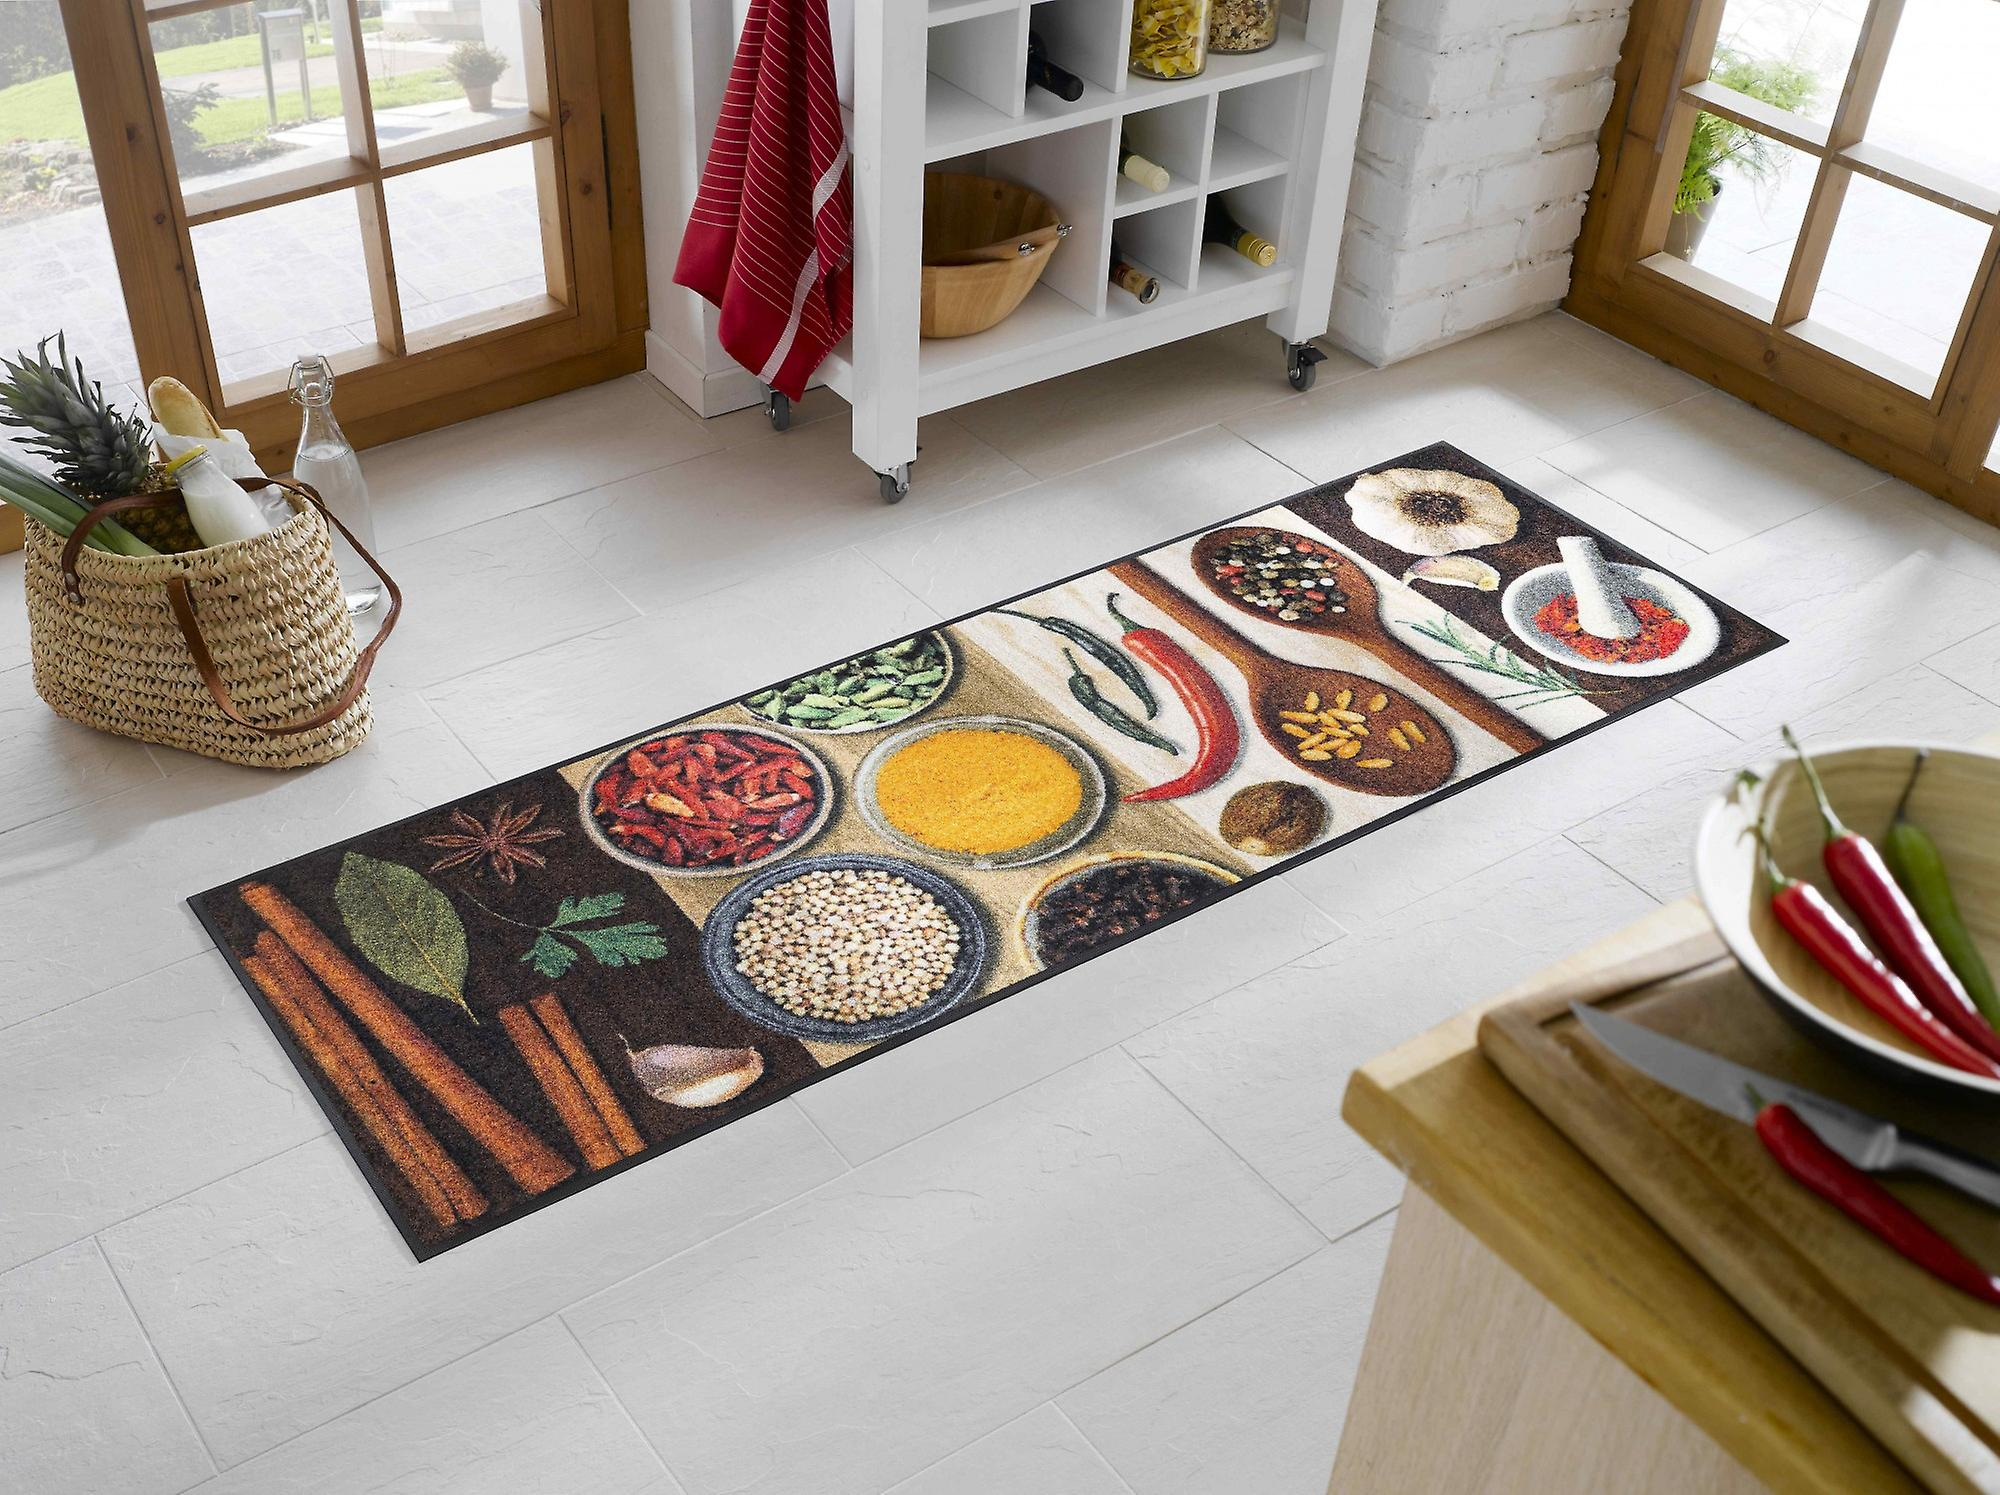 Tapijt Voor Keuken : Wassen droge keuken tapijt hete specerijen wasbaar tapijt fruugo